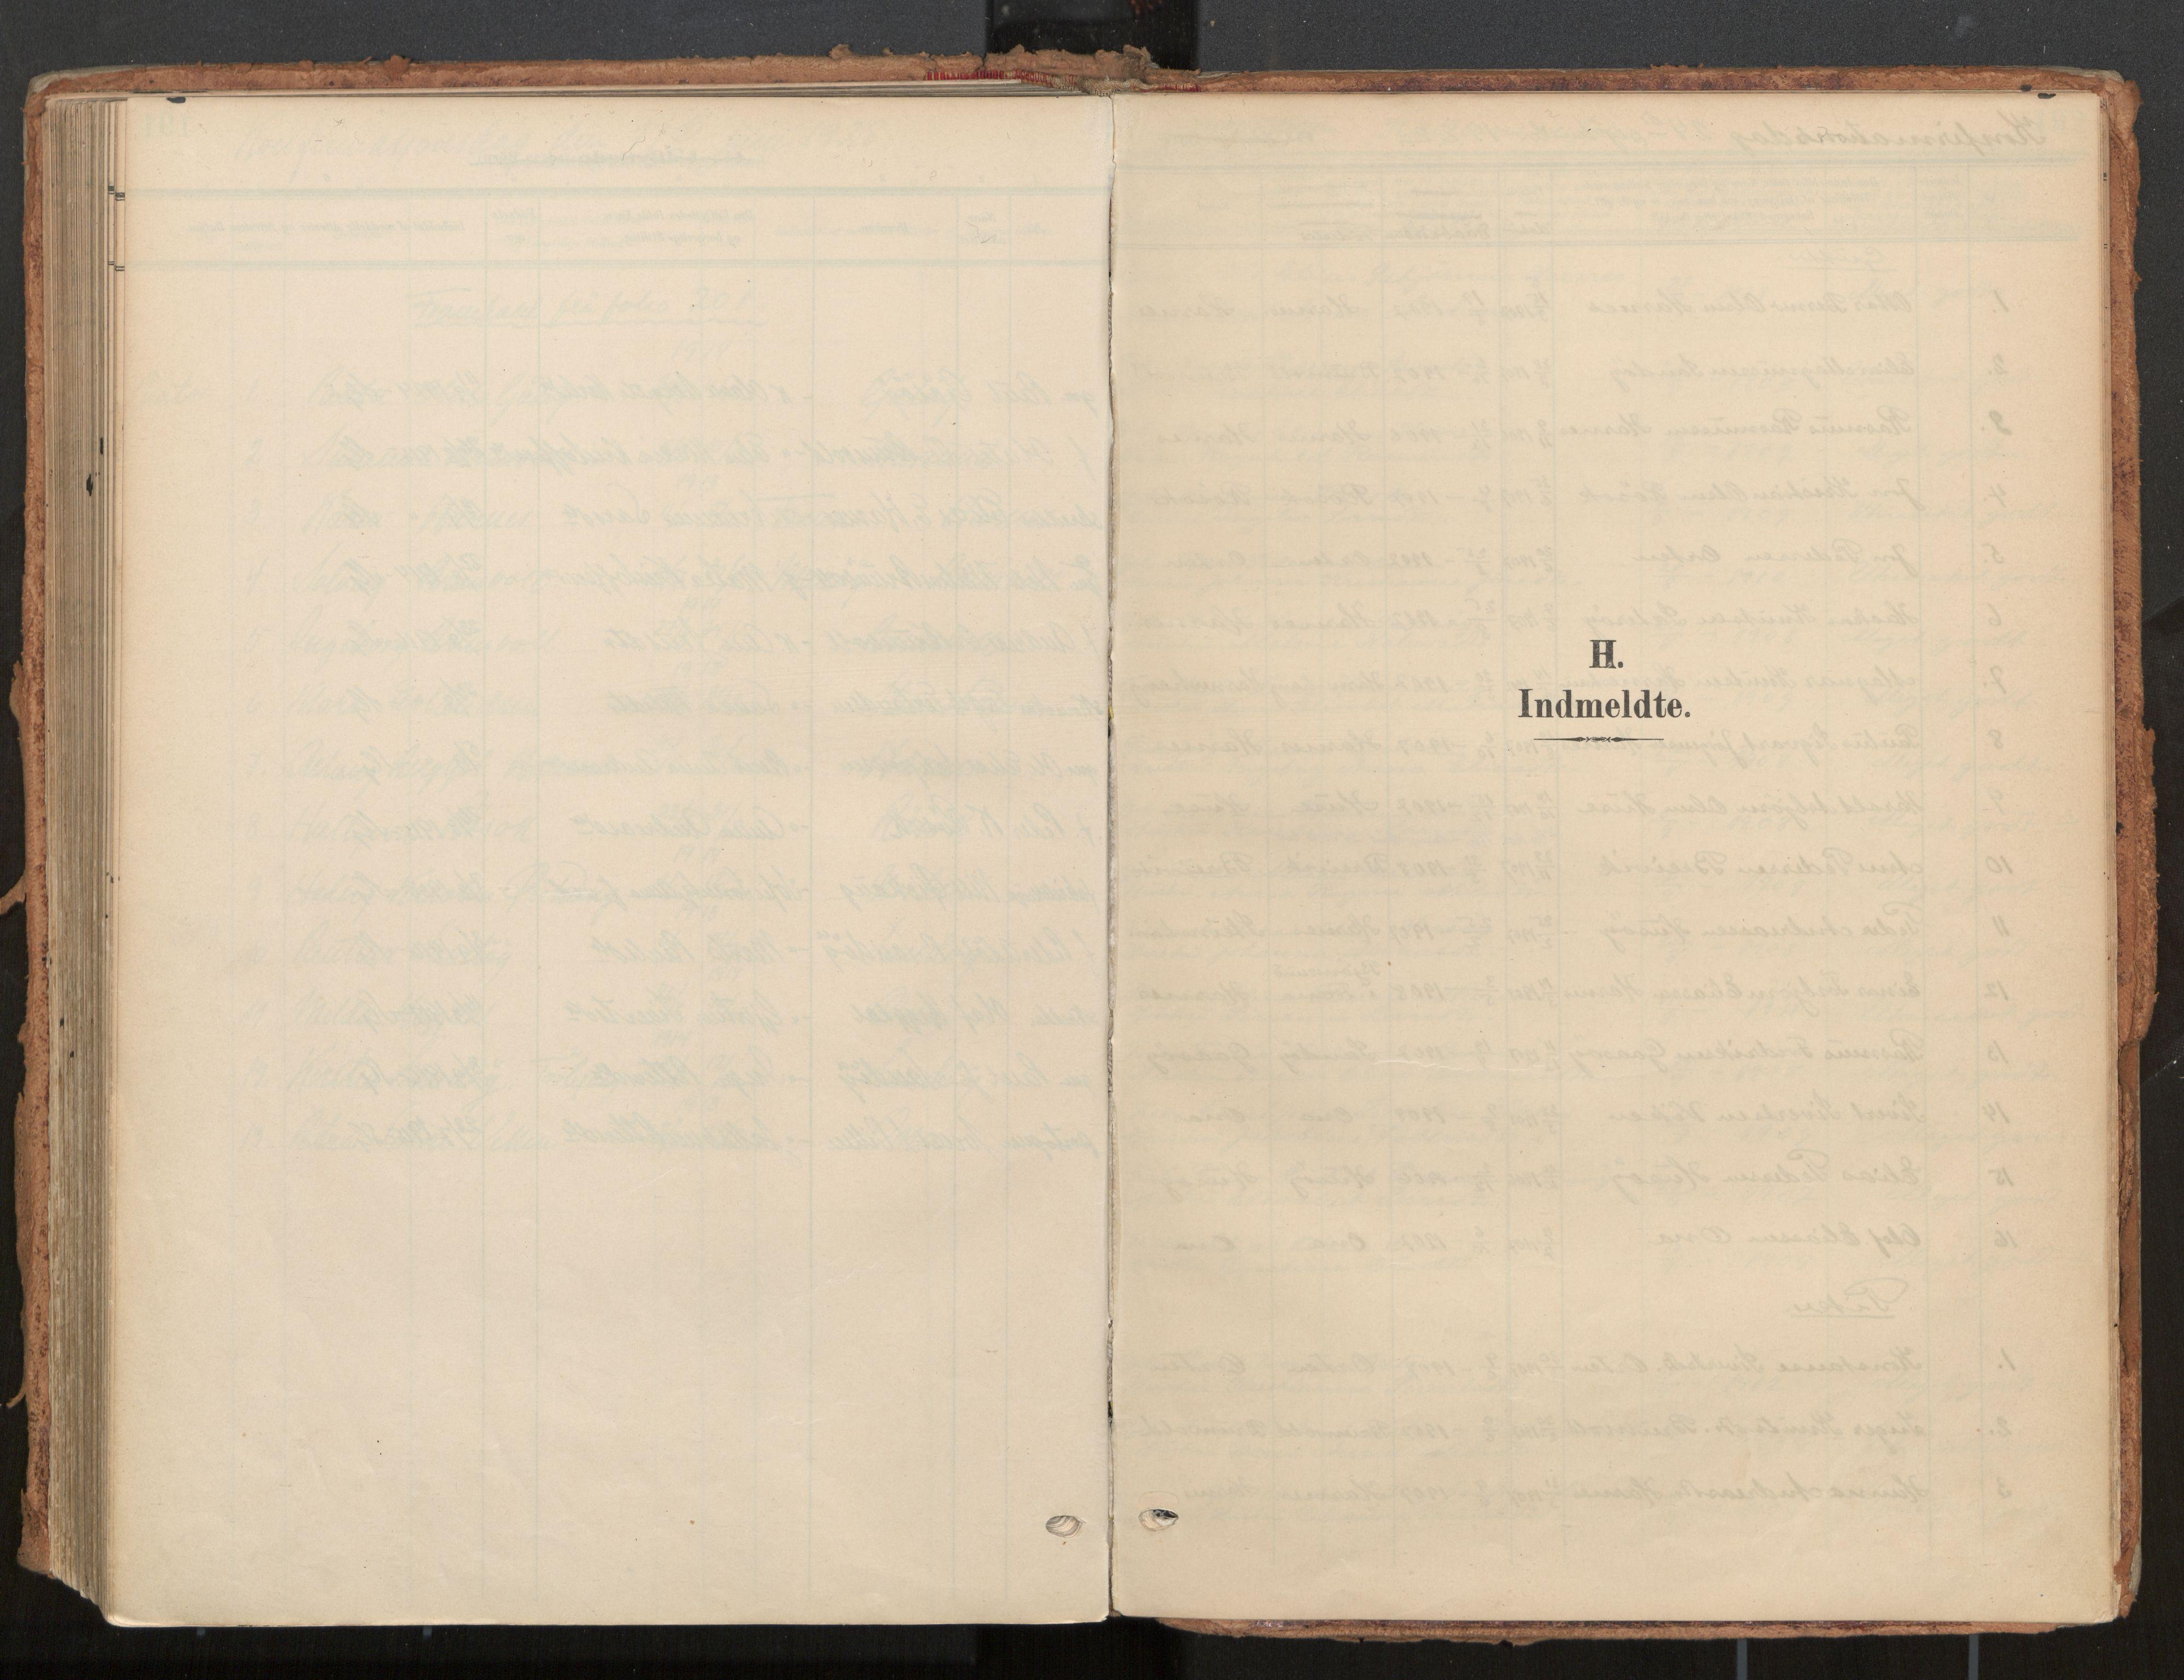 SAT, Ministerialprotokoller, klokkerbøker og fødselsregistre - Møre og Romsdal, 561/L0730: Ministerialbok nr. 561A04, 1901-1929